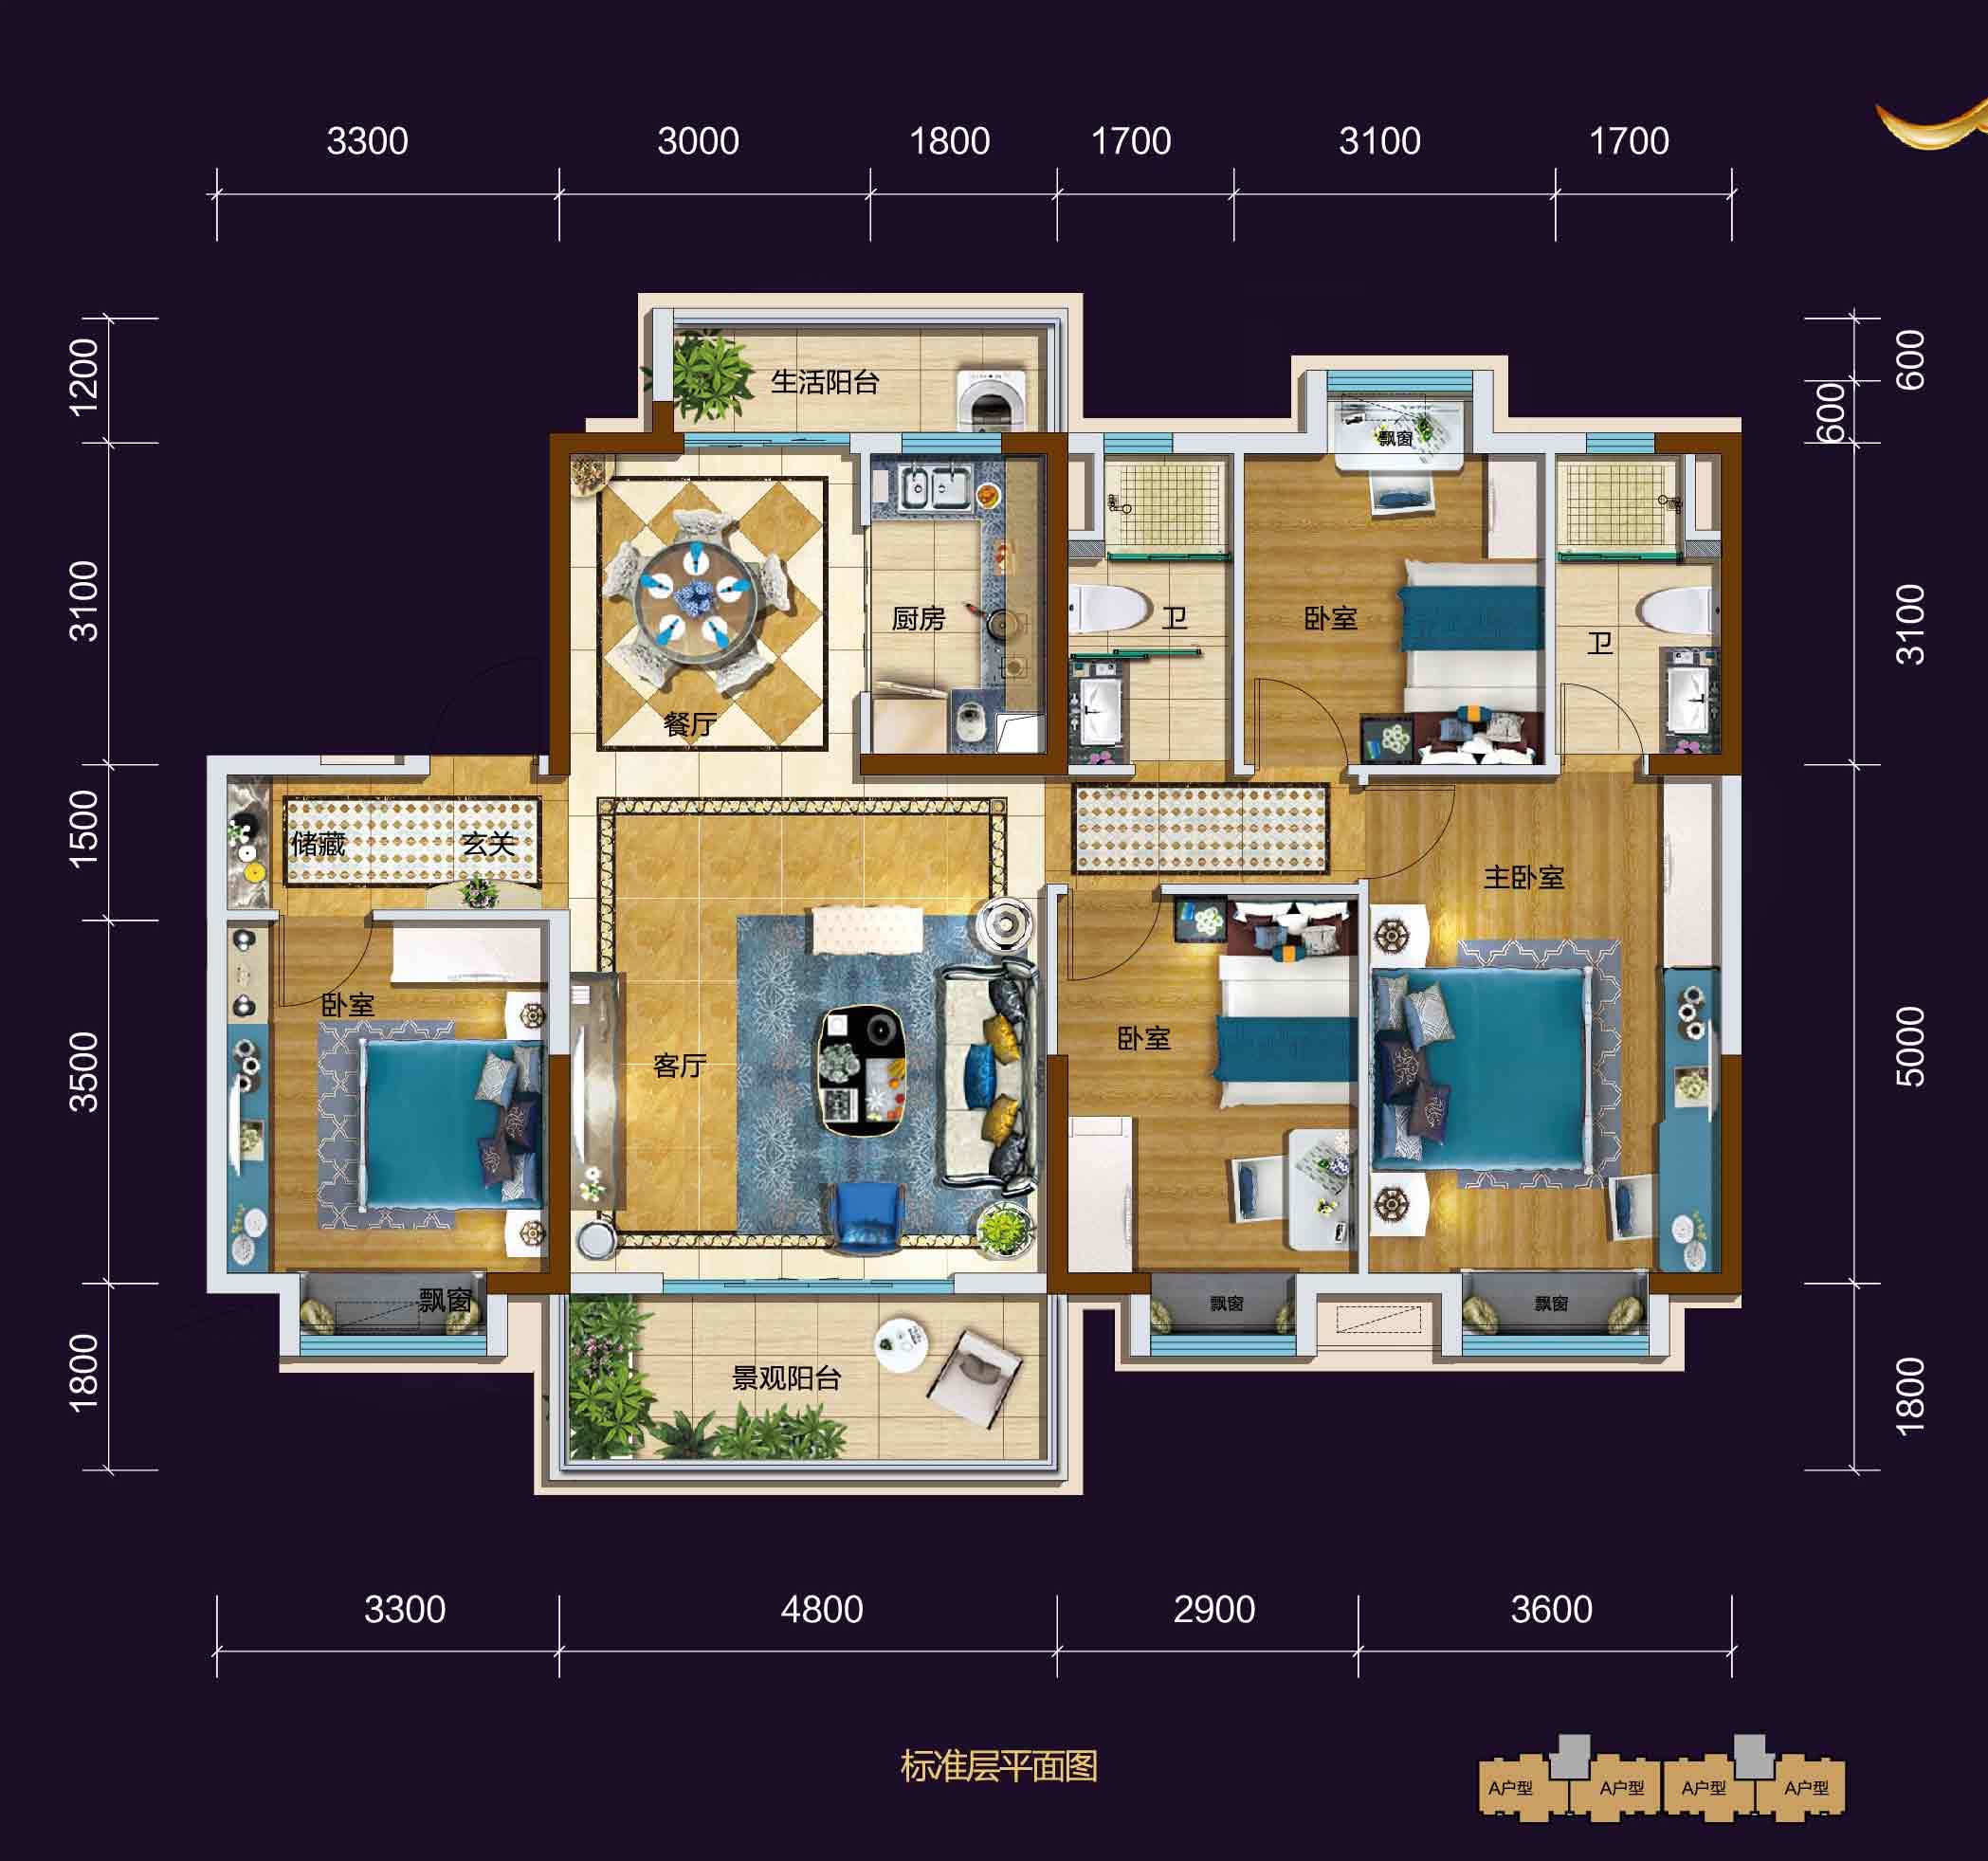 长阳碧桂园长阳碧桂园户型图-4室2厅户型图